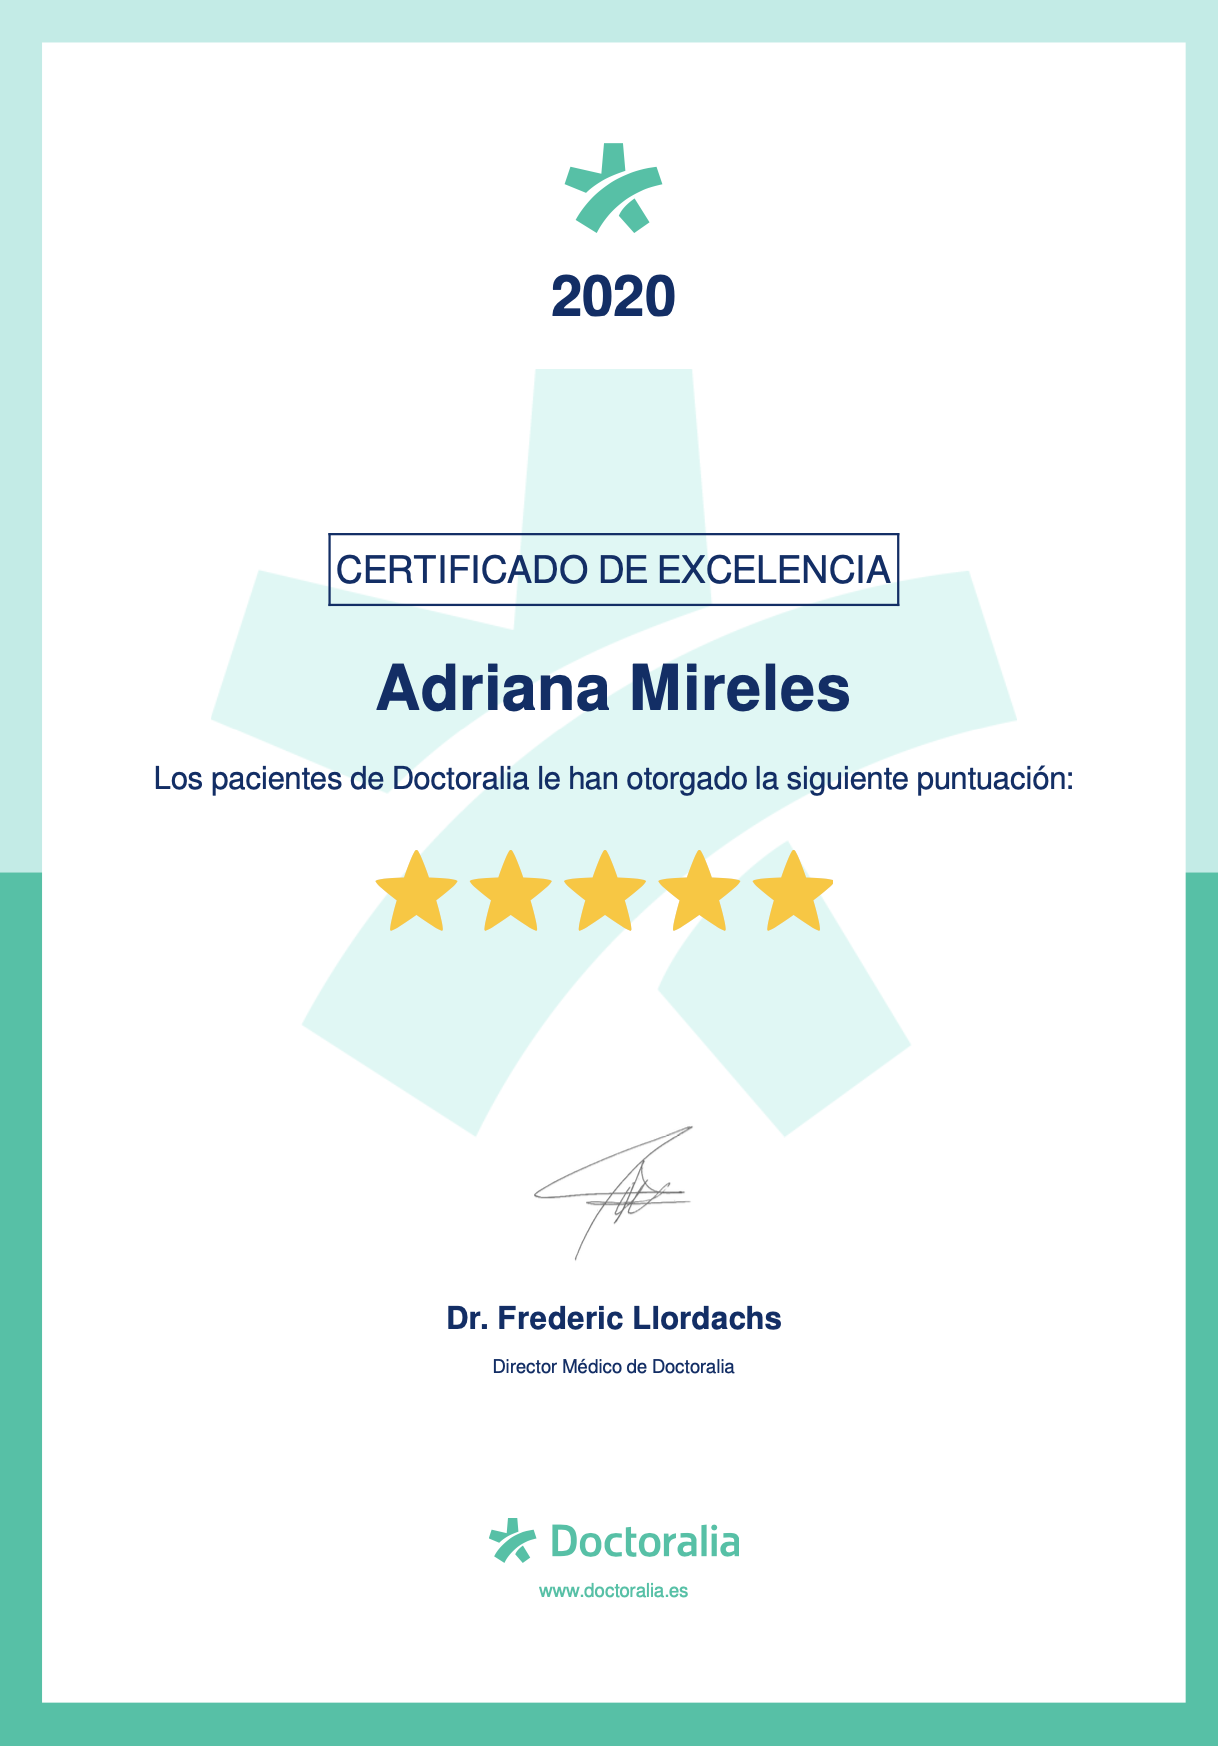 certificado excelencia doctoralia